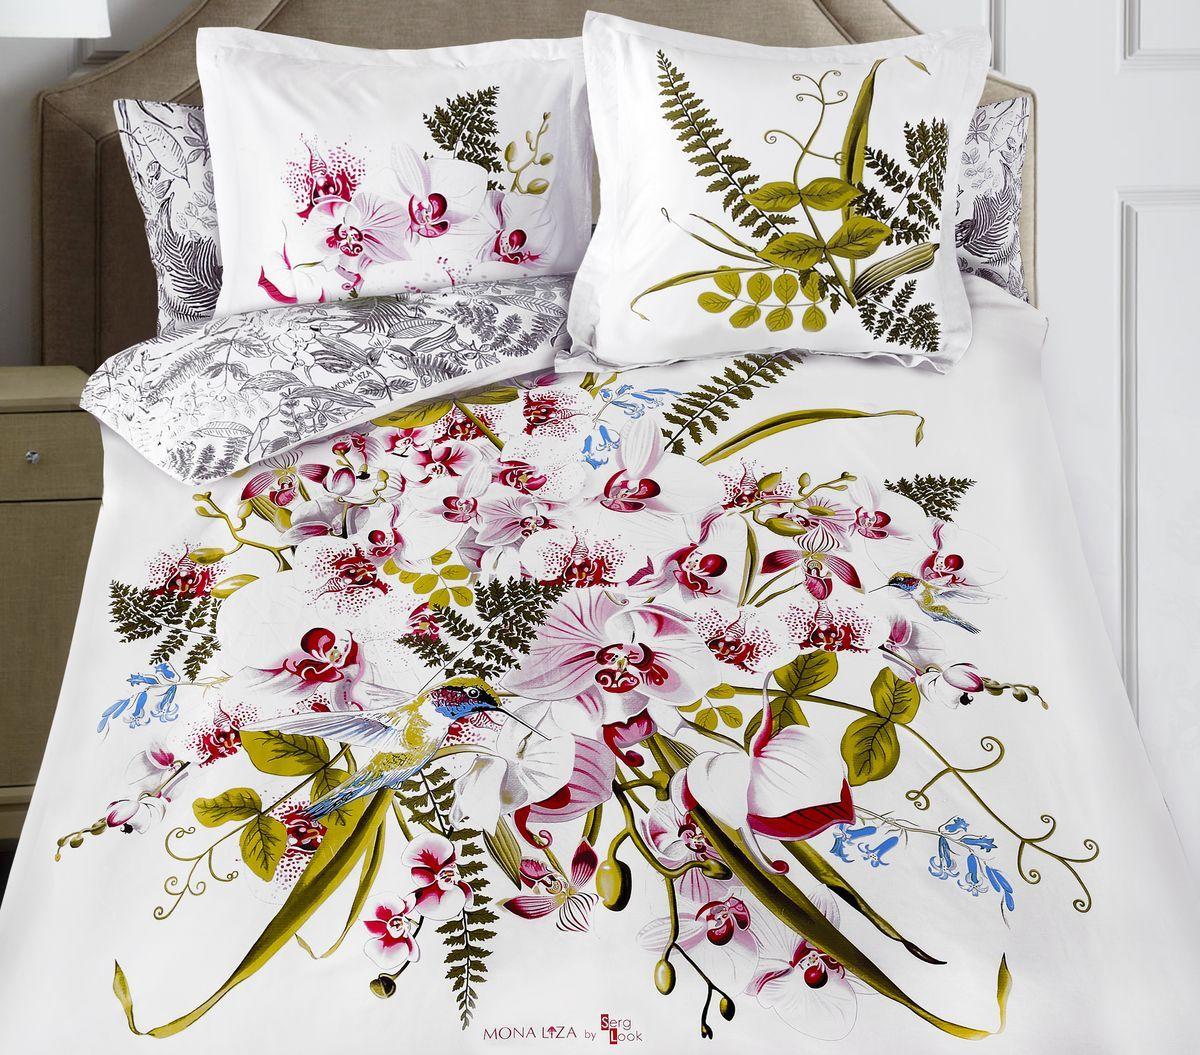 Комплект белья Mona Liza Premium. Orchid, 2-спальный, наволочки 50x70, 70x708/5Комплект белья Mona Liza Premium. Orchid, выполненный из сатина (100% хлопок), состоит из пододеяльника, простыни и четырех наволочек. Изделия оформлены ярким рисунком.В комплект входит:Пододеяльник: 175 х 210 см. Простыня: 215 х 240 см. 4 наволочки: 70 х 70 см, 50 х 70 см. Рекомендации по уходу: - Ручная и машинная стирка 40°С. - Гладить при средней температуре. - Не использовать хлорсодержащие средства. - Щадящая сушка, - Не подвергать химчистке. УВАЖАЕМЫЕ КЛИЕНТЫ!Обращаем ваше внимание, на тот факт, что в комплект входят 4 наволочки, а комплектация, представленная на изображении, служит для визуального восприятия товара.